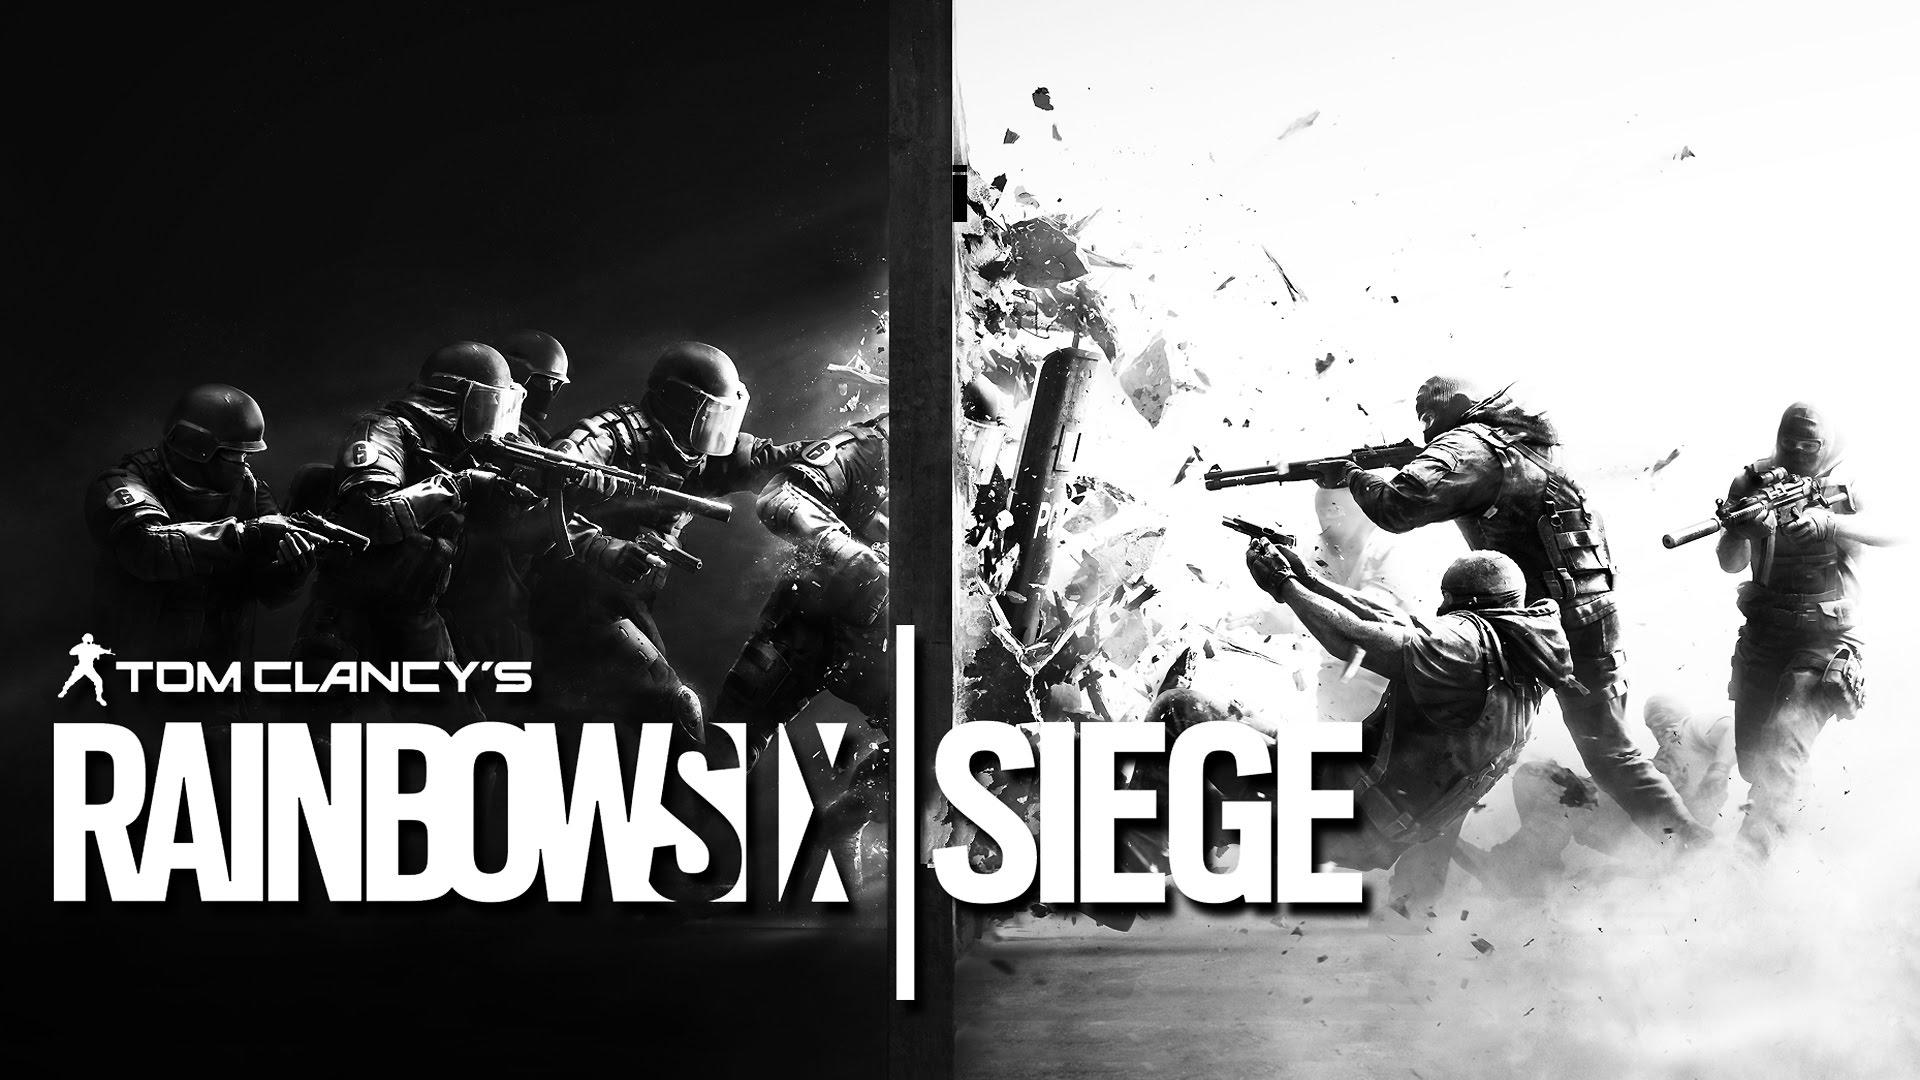 اطلاعاتی جدید از بهروزرسانی آینده بازی Rainbow Six Siege منتشر شد